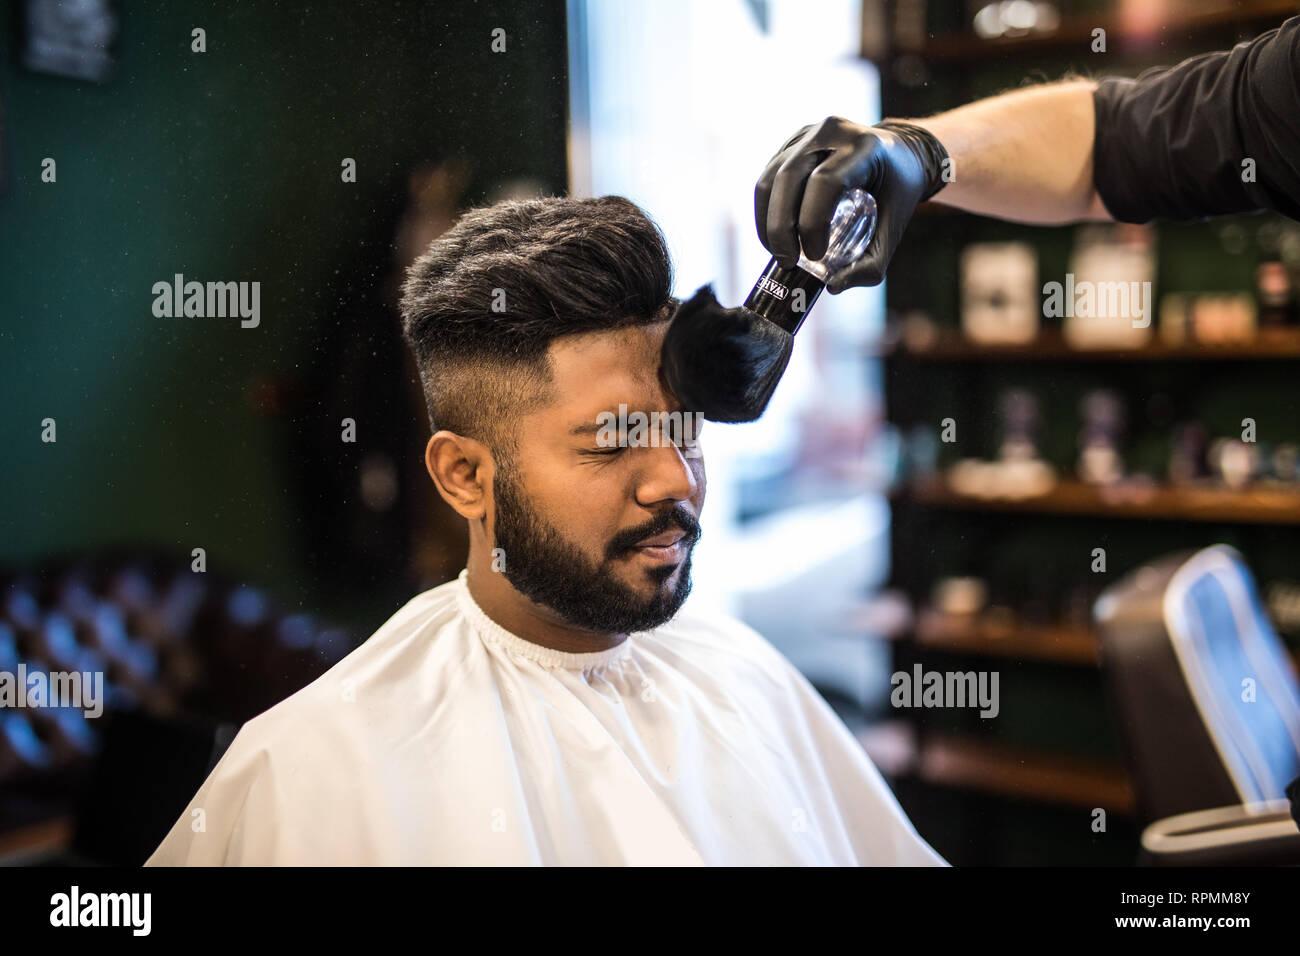 Los peluqueros propagación mano polvo de talco en el cuello con clientes brochas de afeitar profesionales en peluquería salón de belleza masculina.Concepto de tratamiento.Joven negro ge Foto de stock